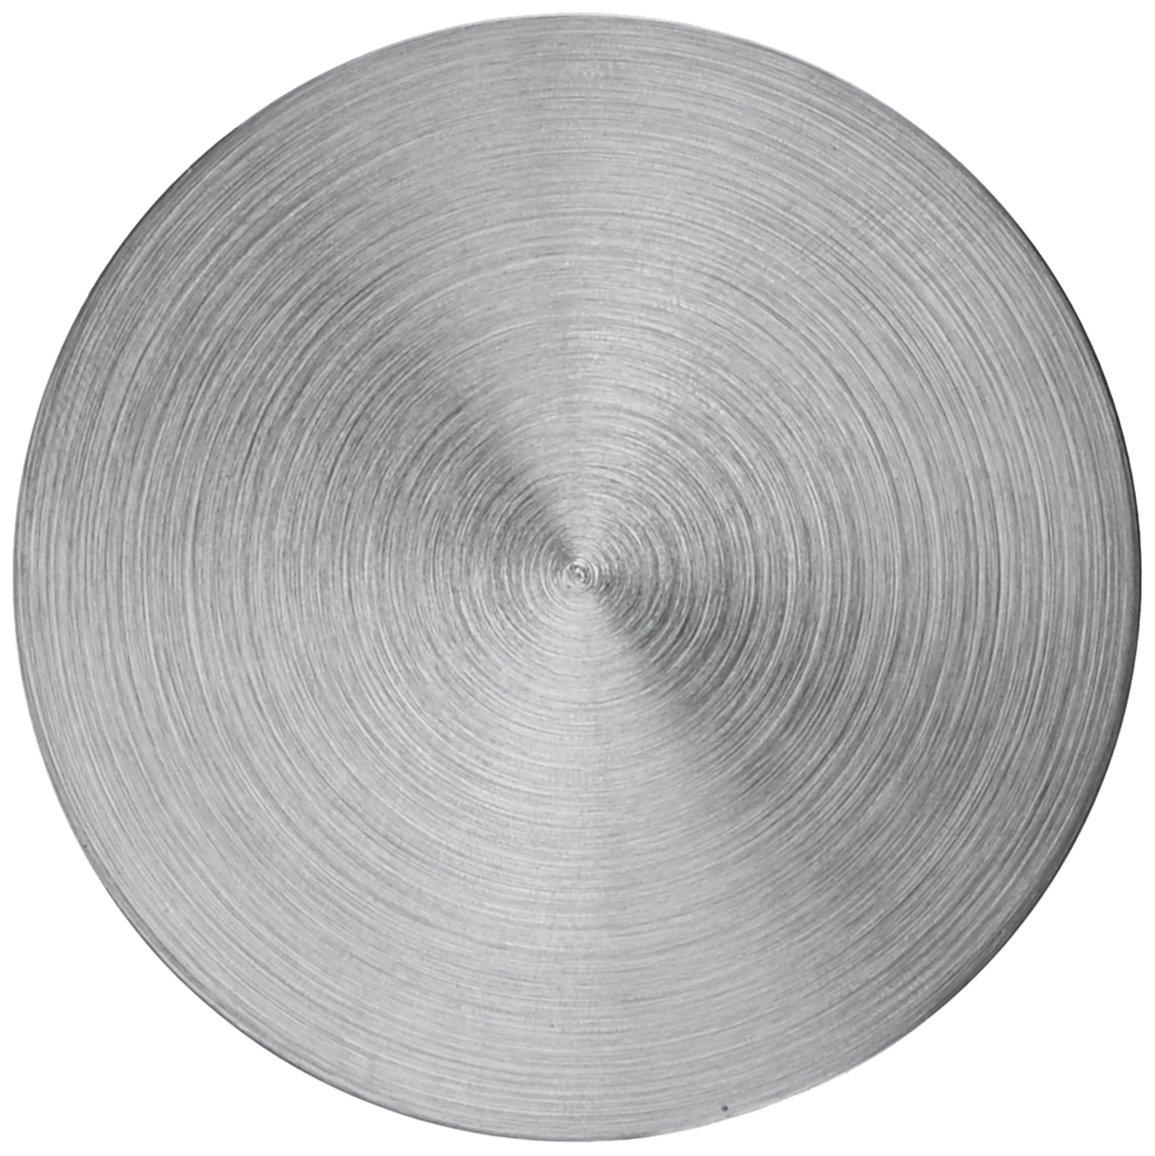 1 St/ück,10500 CROSO Gelenkst/ück f/ür Rohr Durchmesser 42,4 x 2 mm Edelstahl geschliffen V2A 90-180 Grad